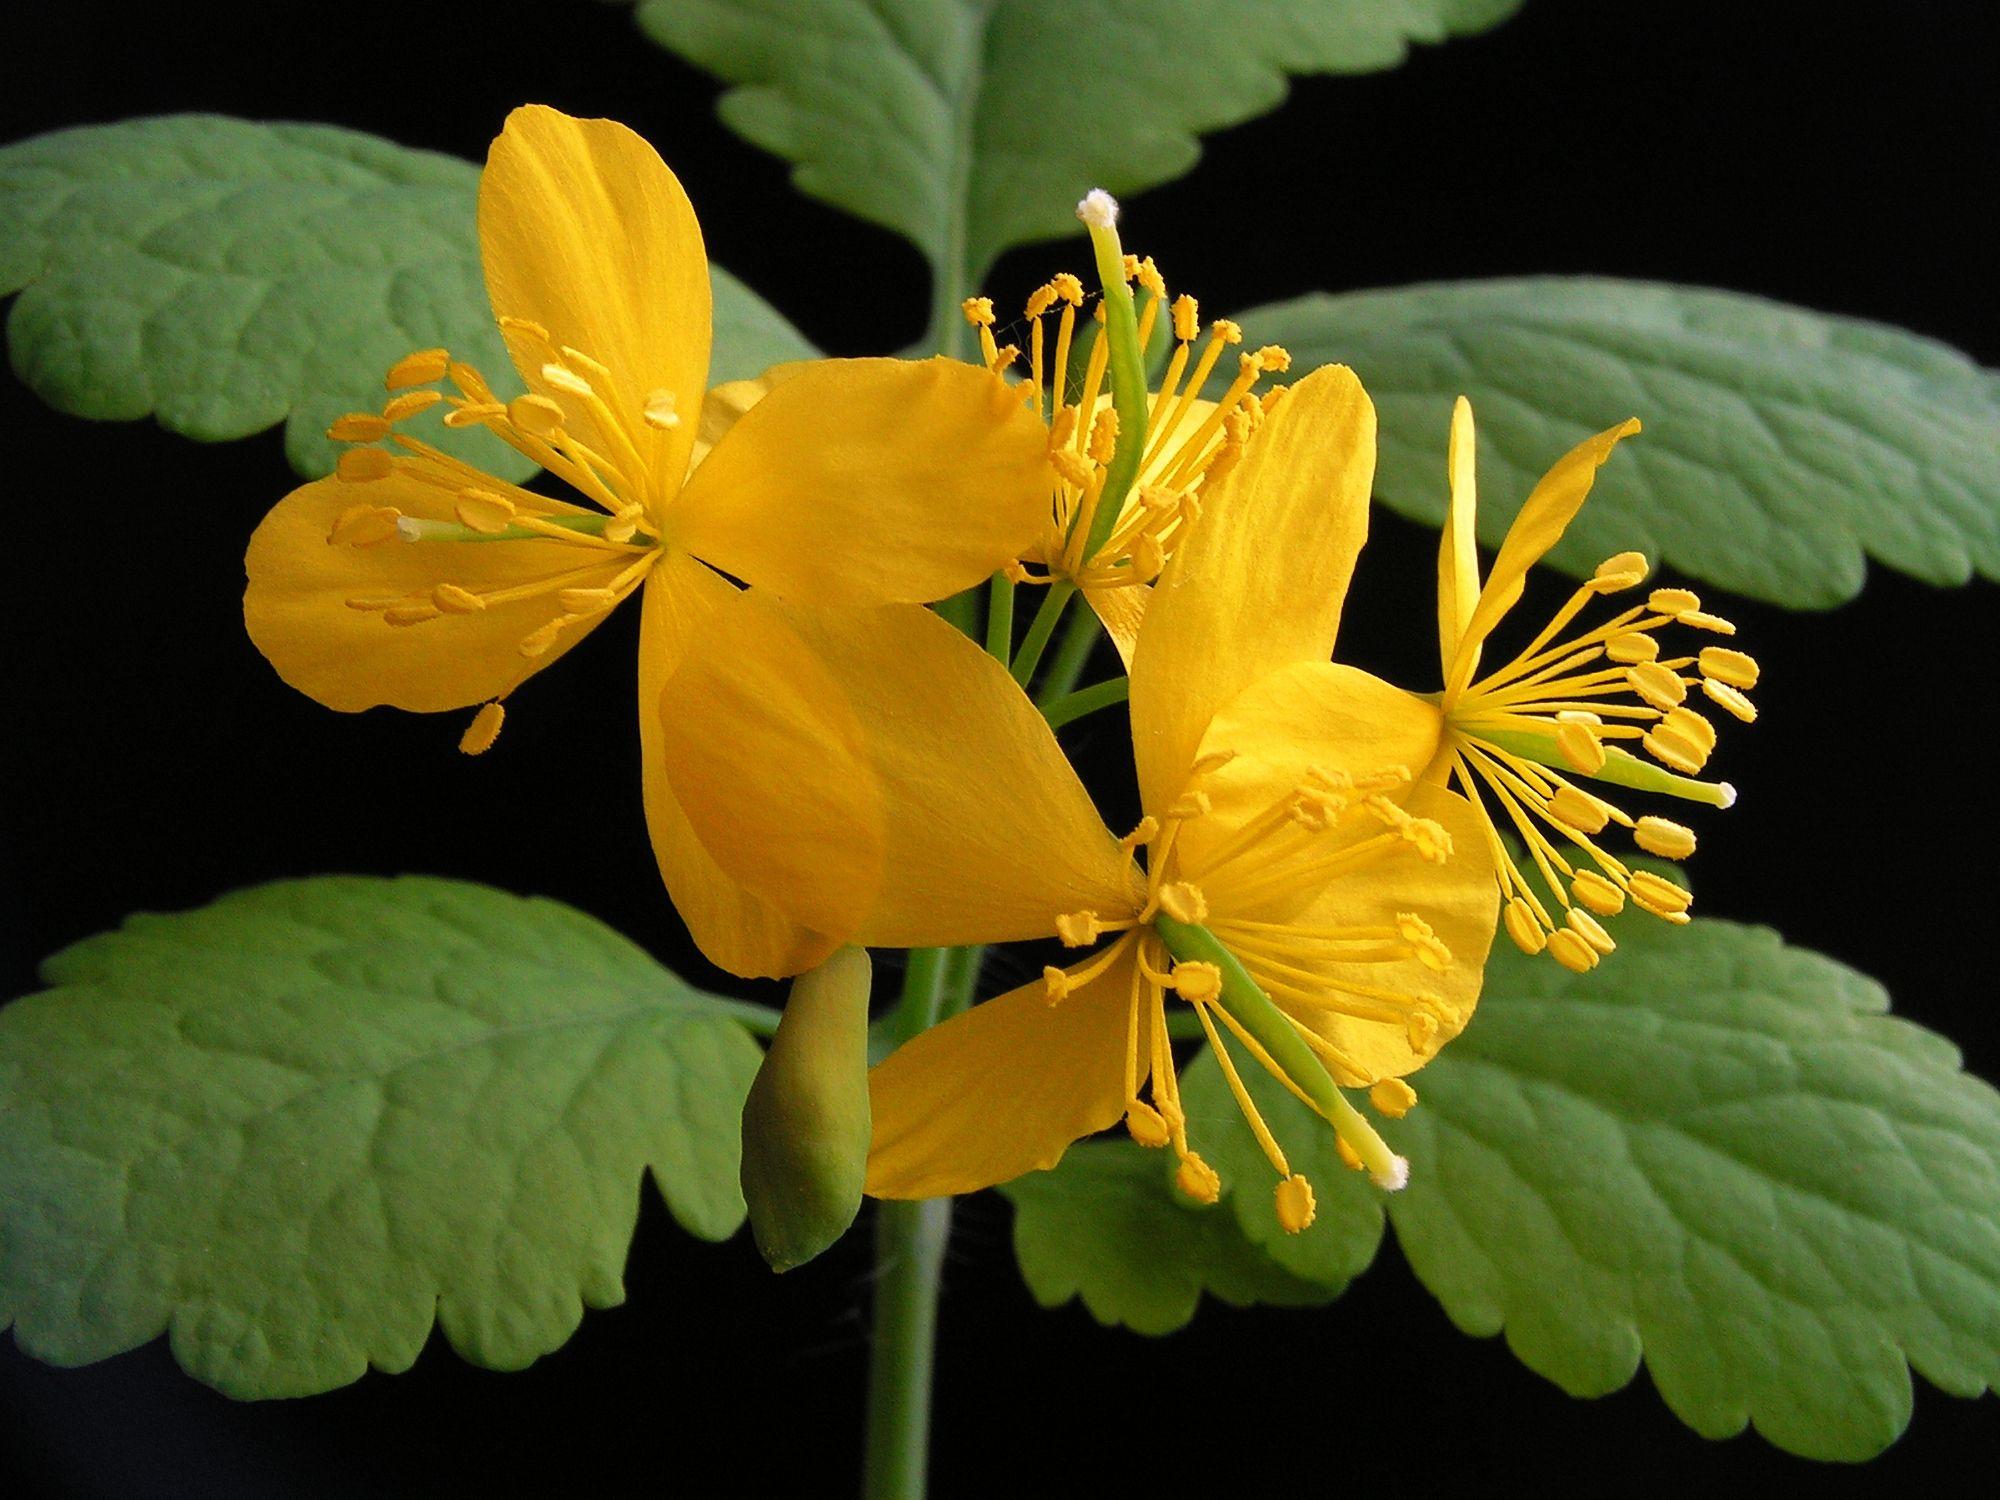 Как вылечить простатит лекарственными травами и растениями